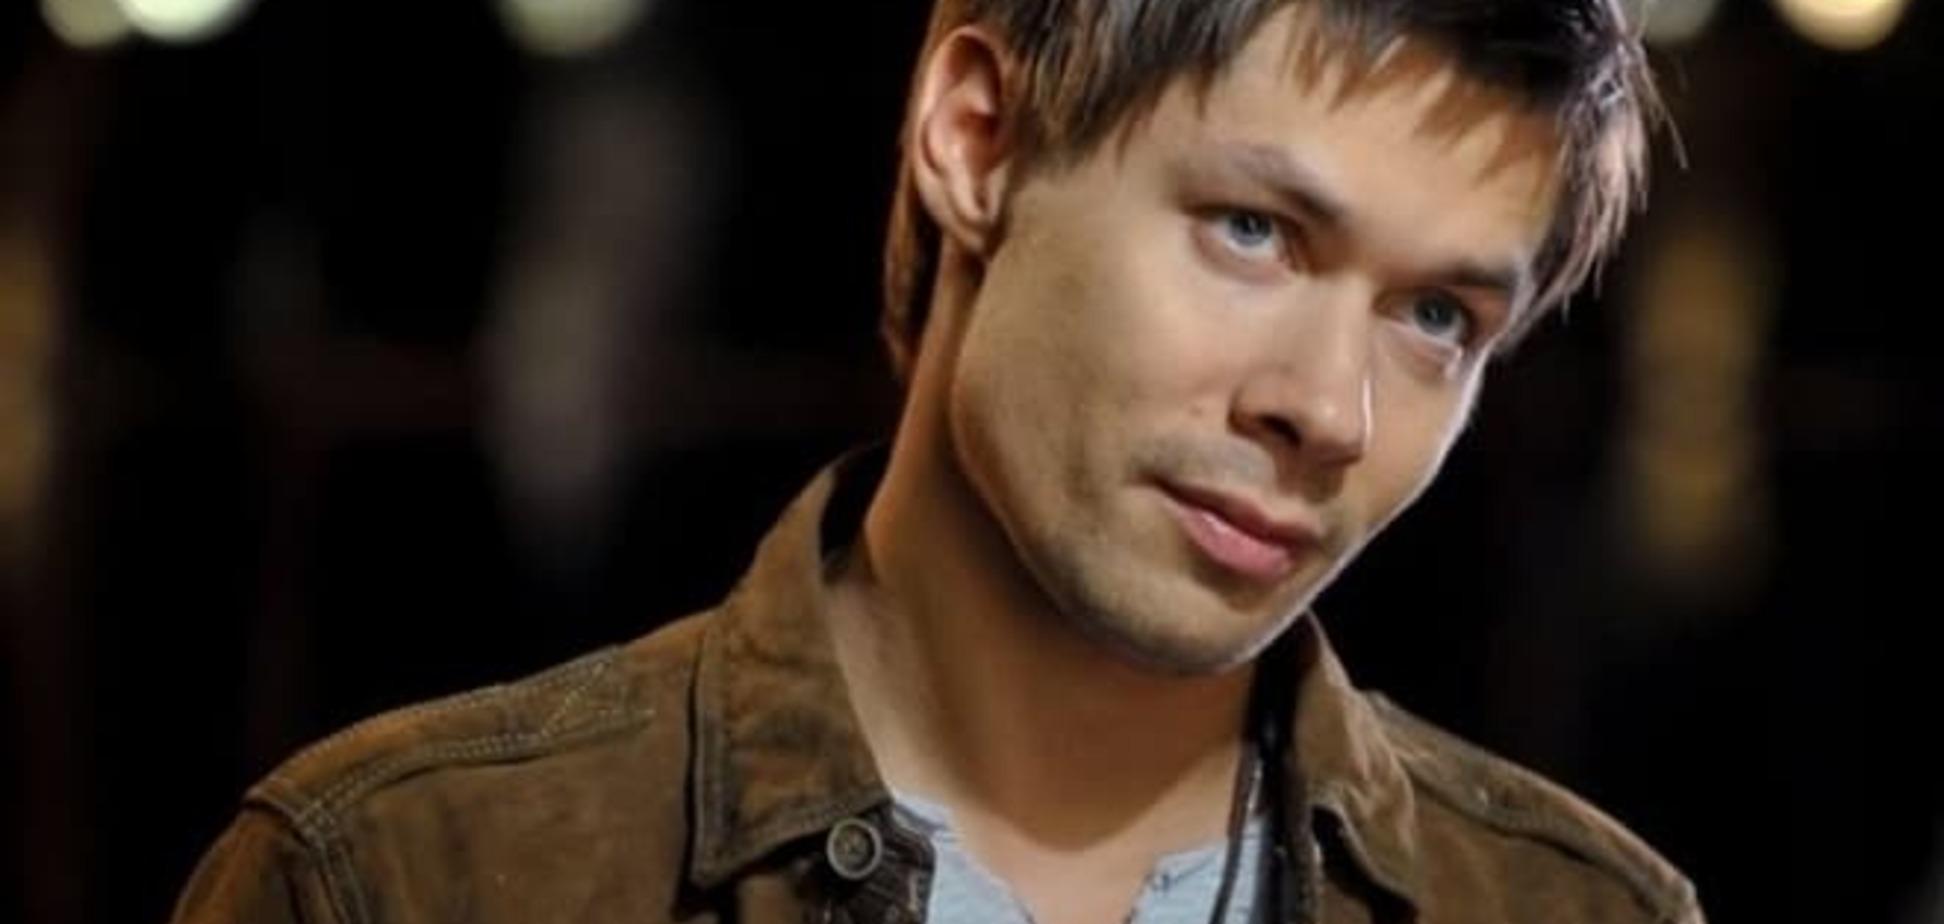 Три реанимации и инфаркт: российский певец чудом выжил